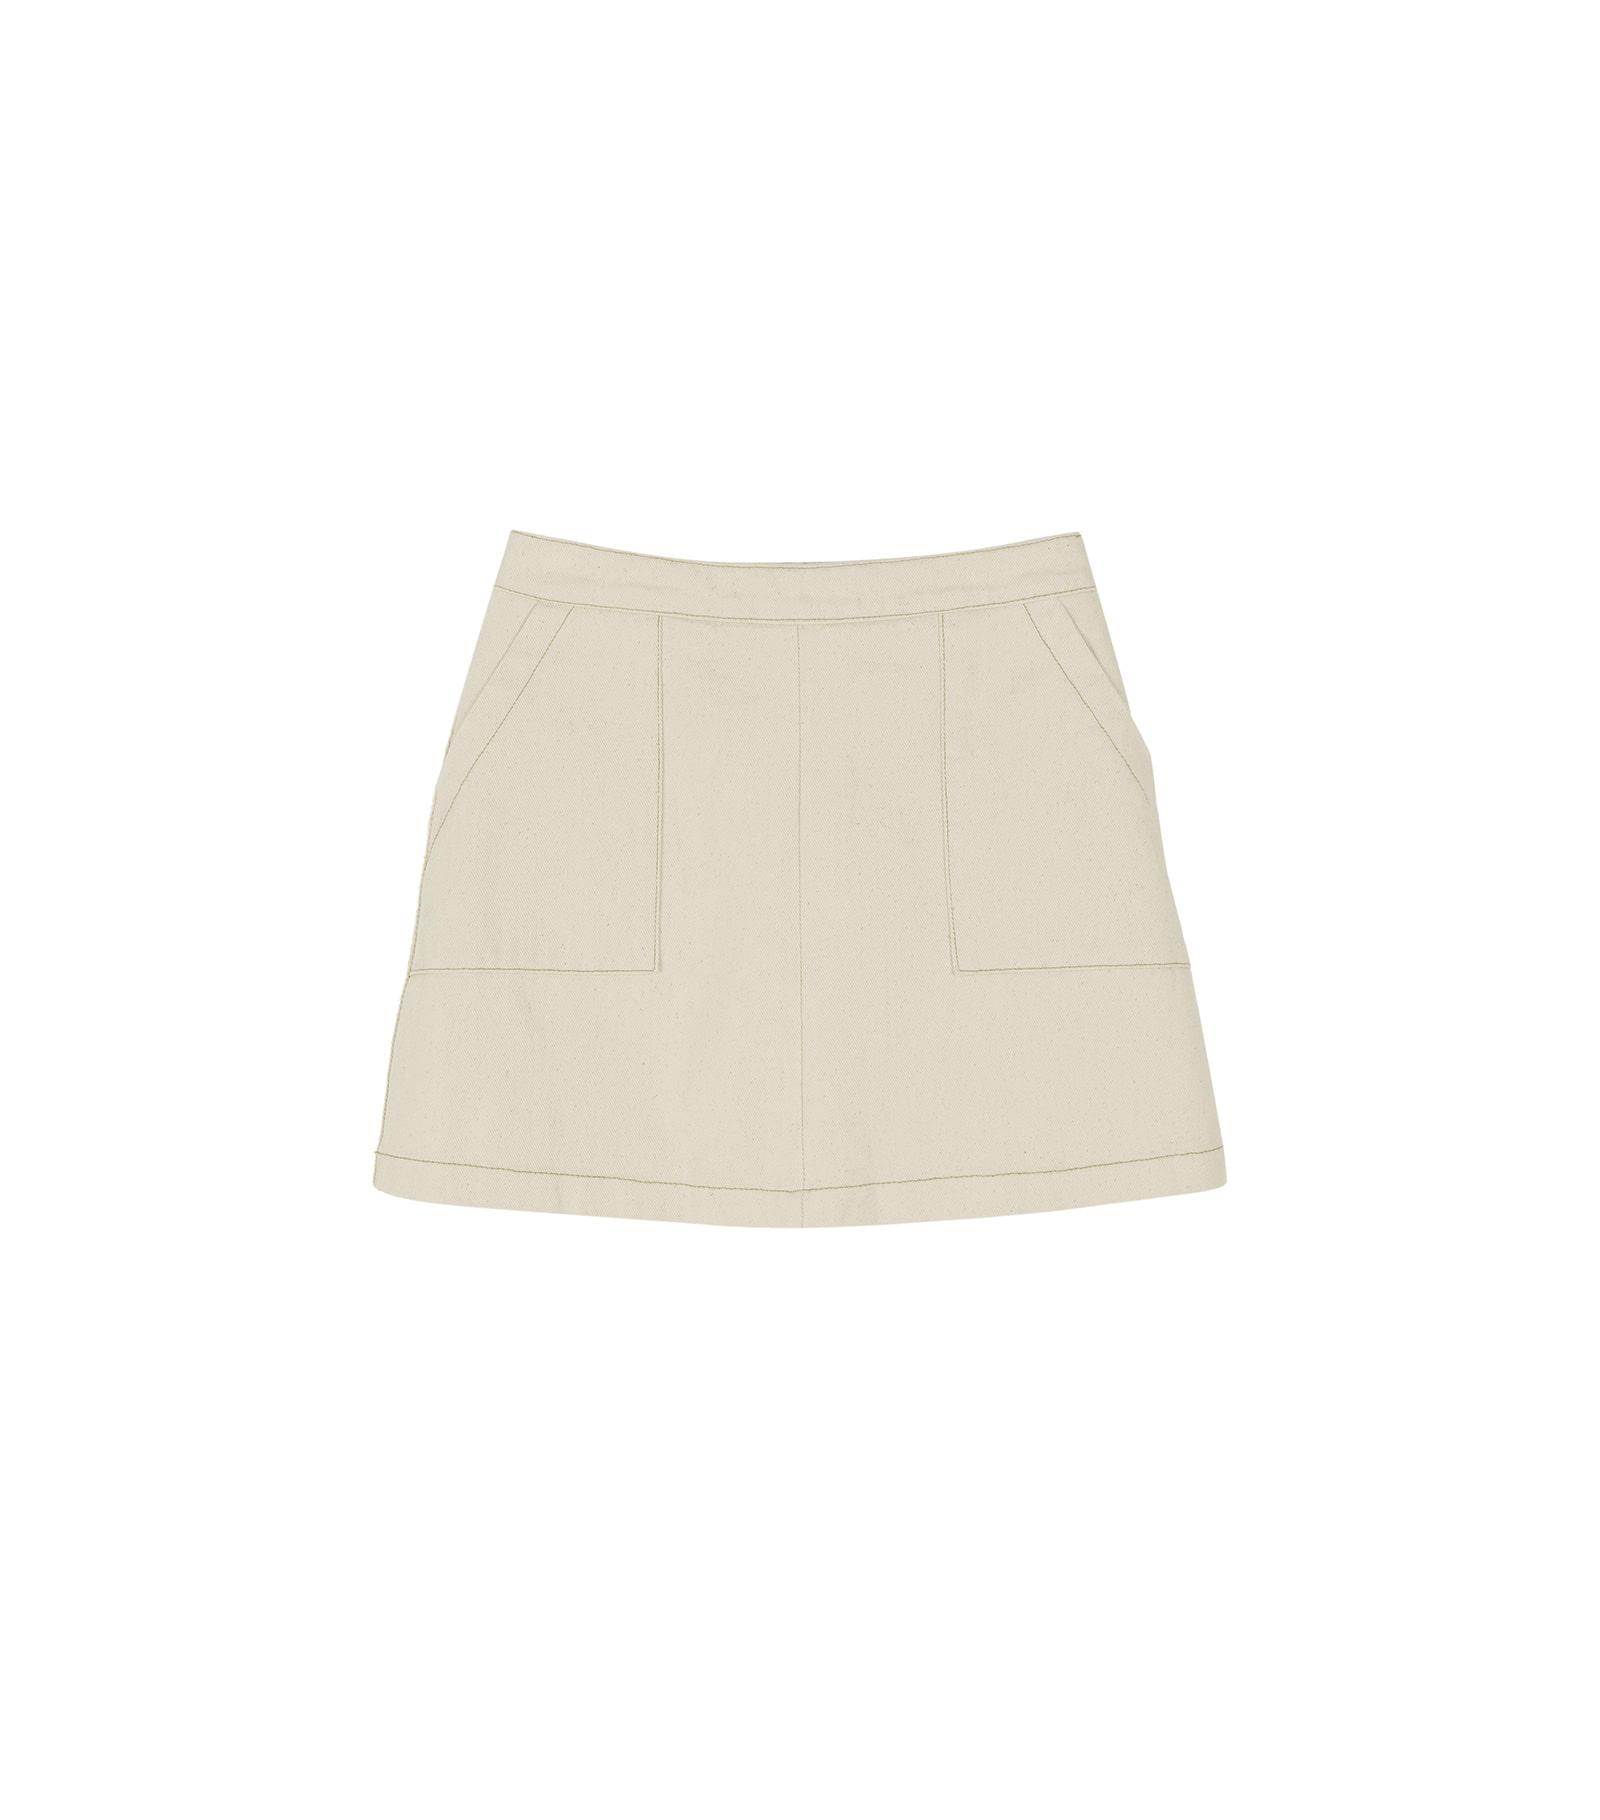 Dressing mini skirt